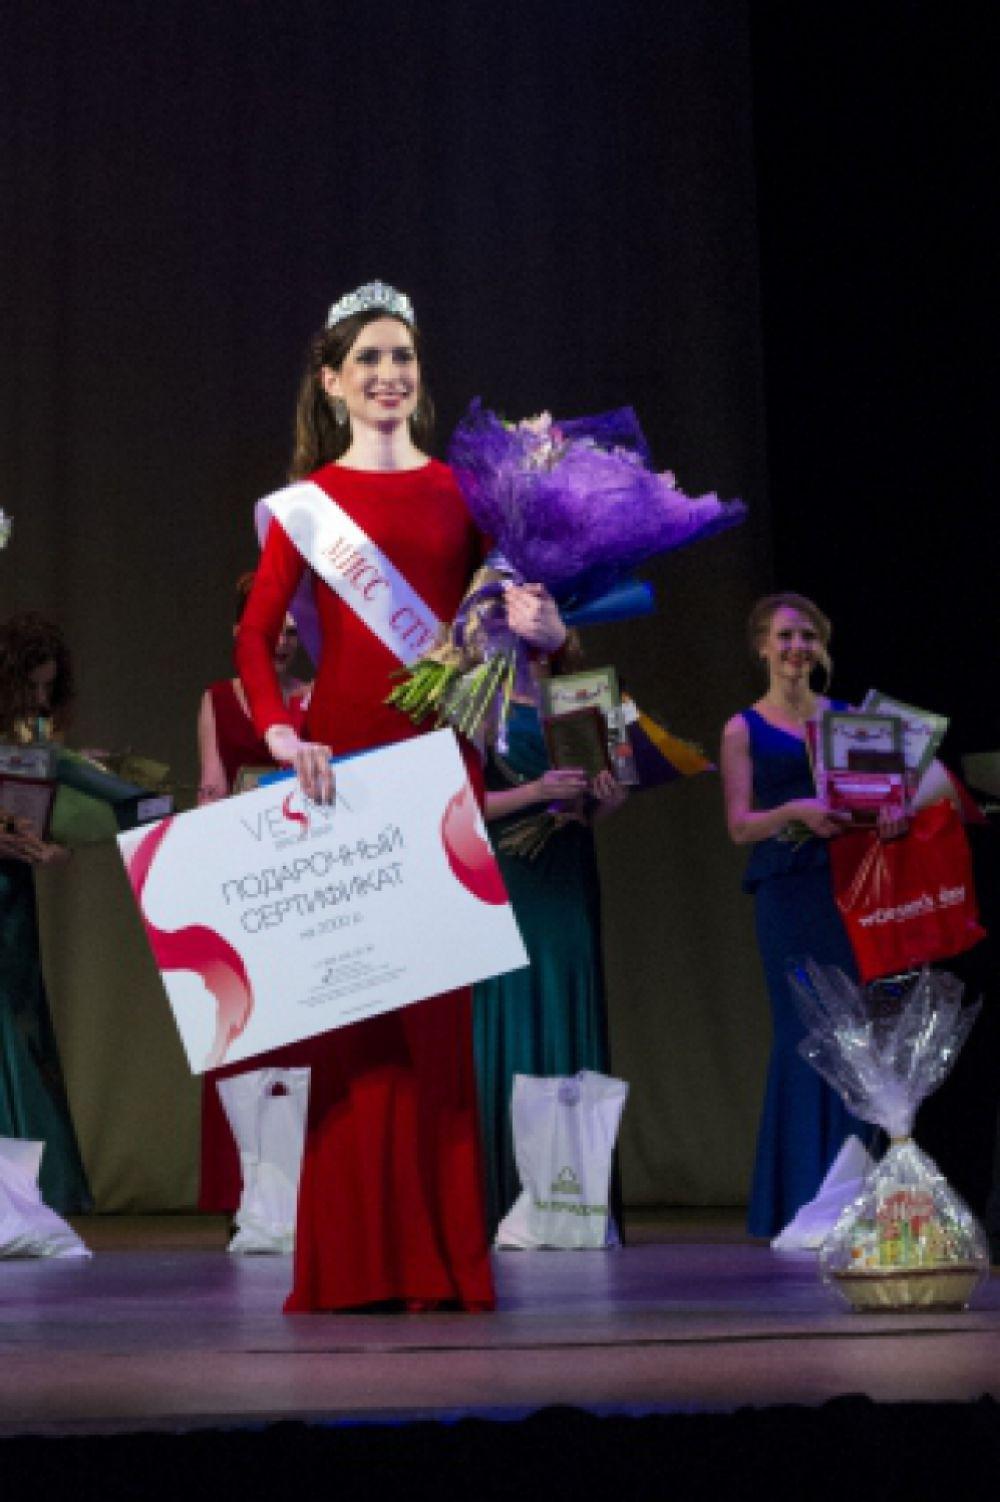 Награждение победительницы. Кристина Шубина представит Волгоград на всероссийском этапе «Мисс Студенчества».